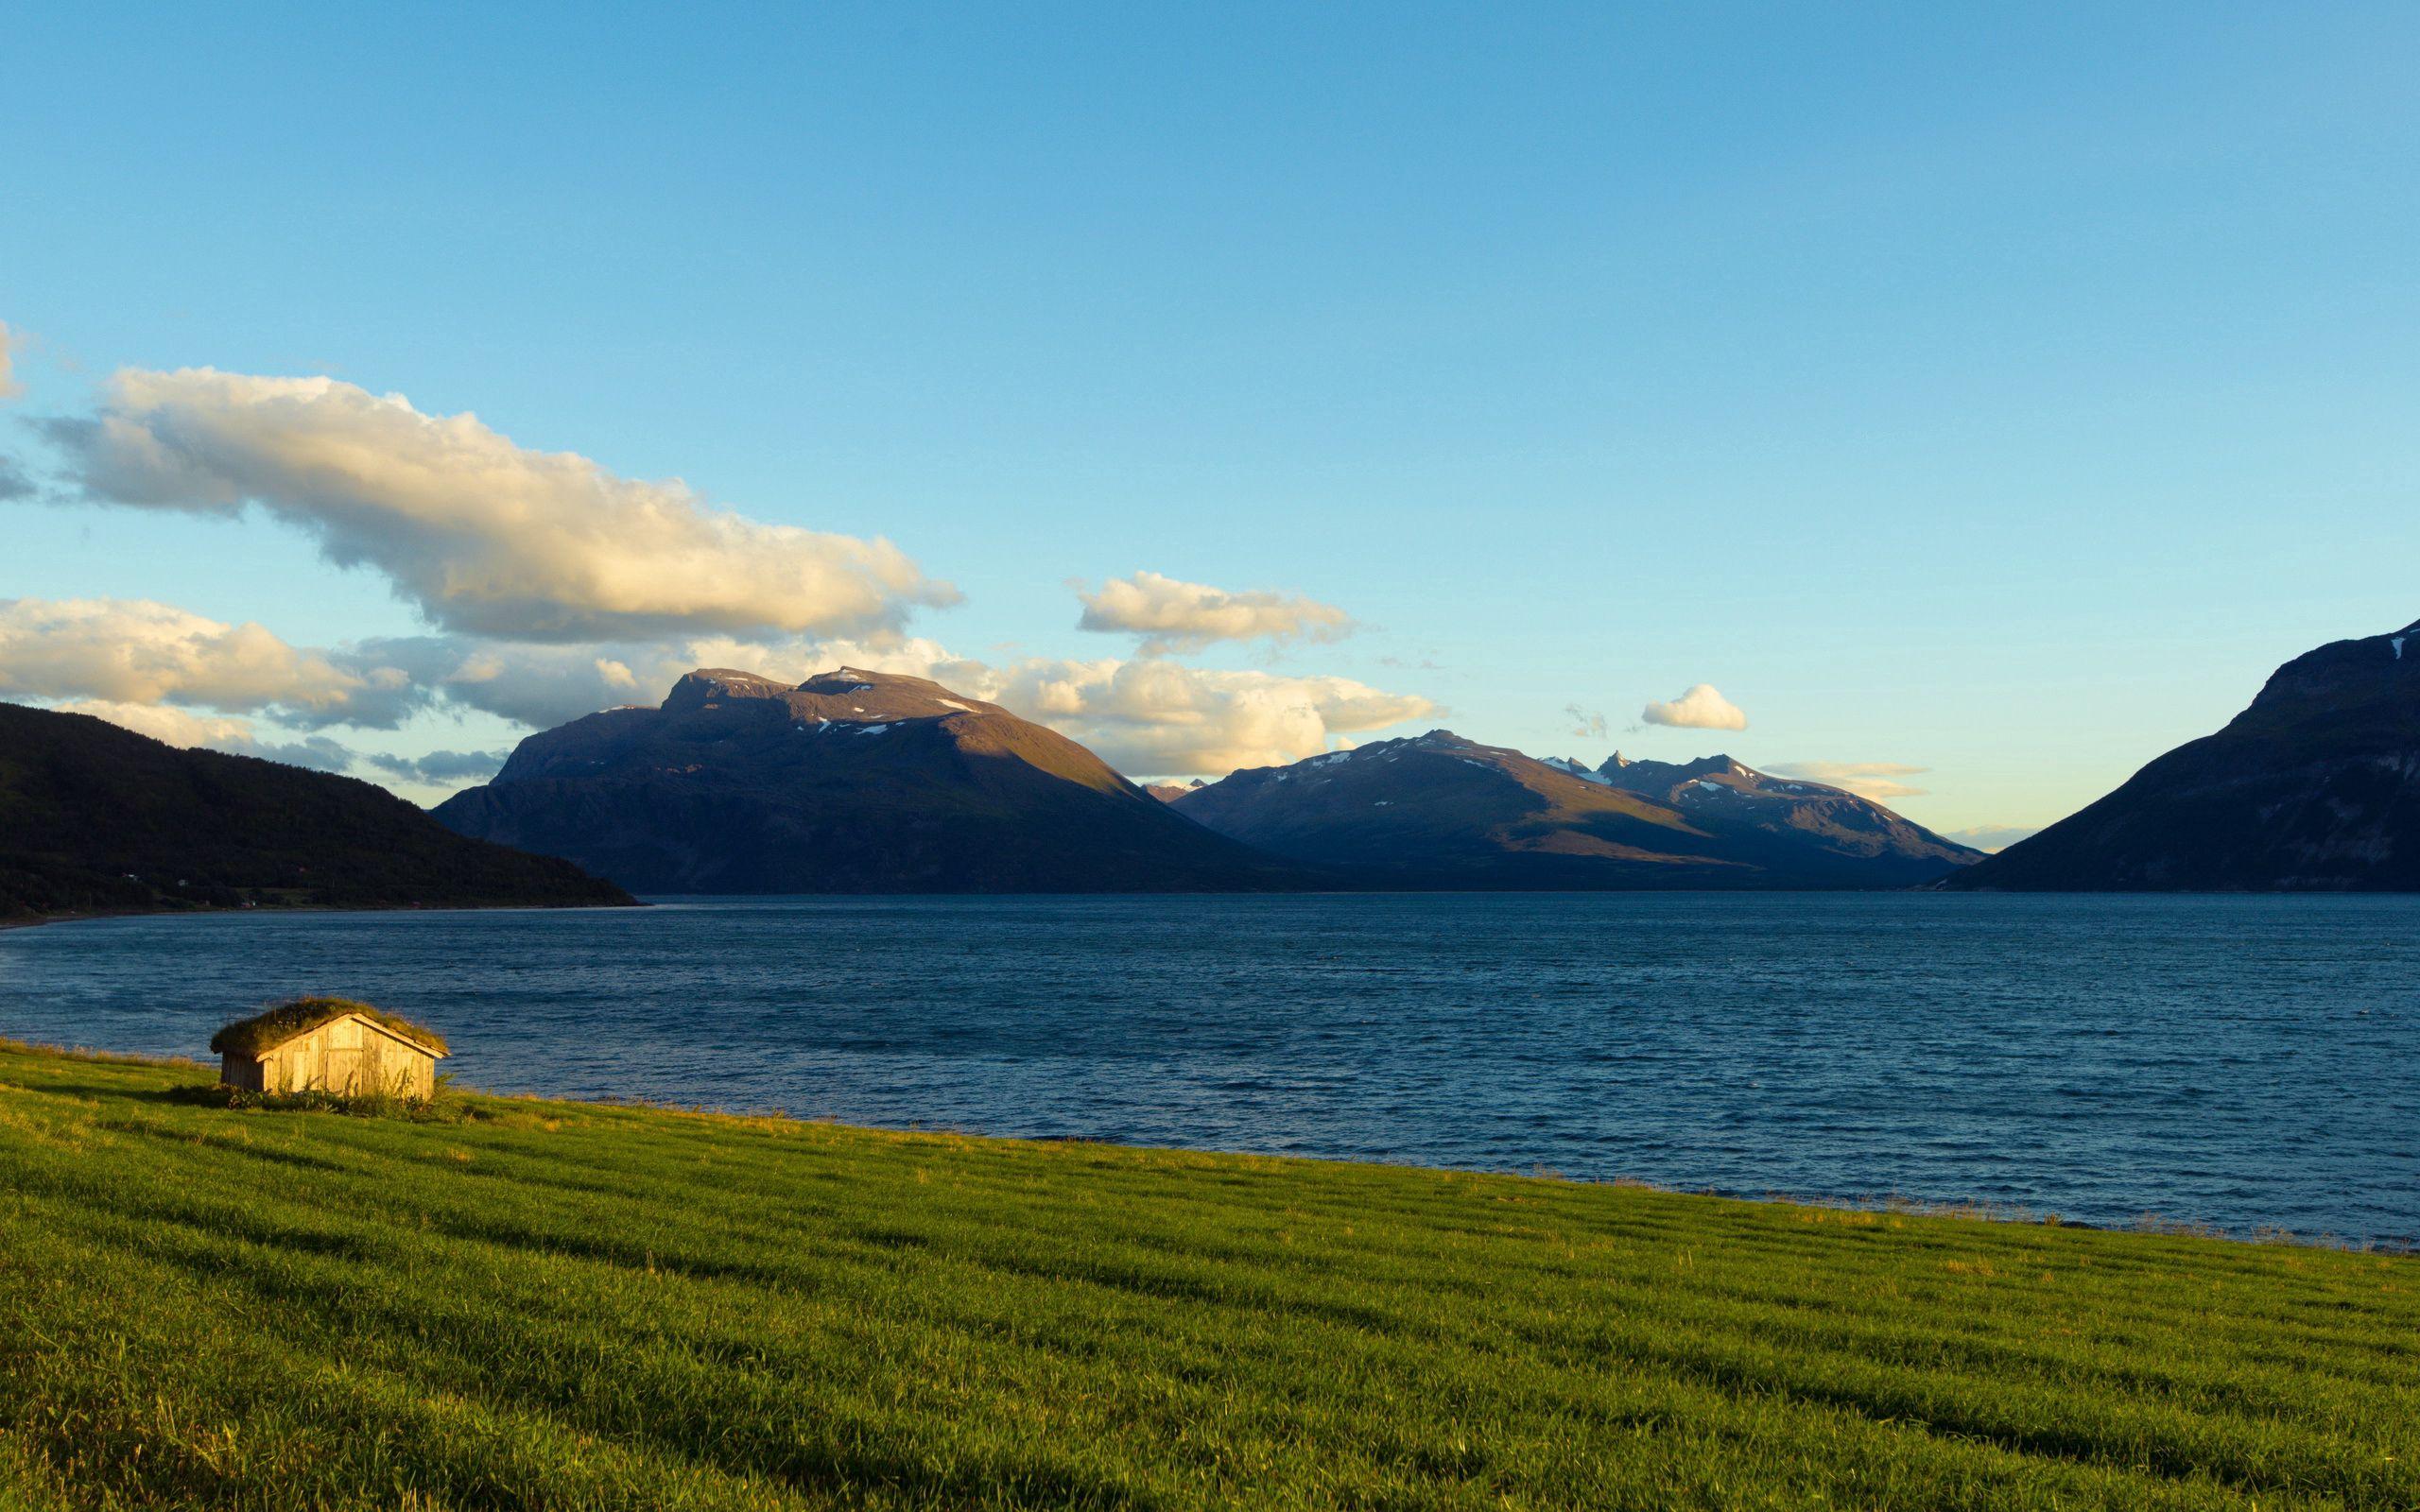 60126 Hintergrundbild 320x240 kostenlos auf deinem Handy, lade Bilder Landschaft, Natur, Haus, Norwegen, Mündung, Die Bucht 320x240 auf dein Handy herunter